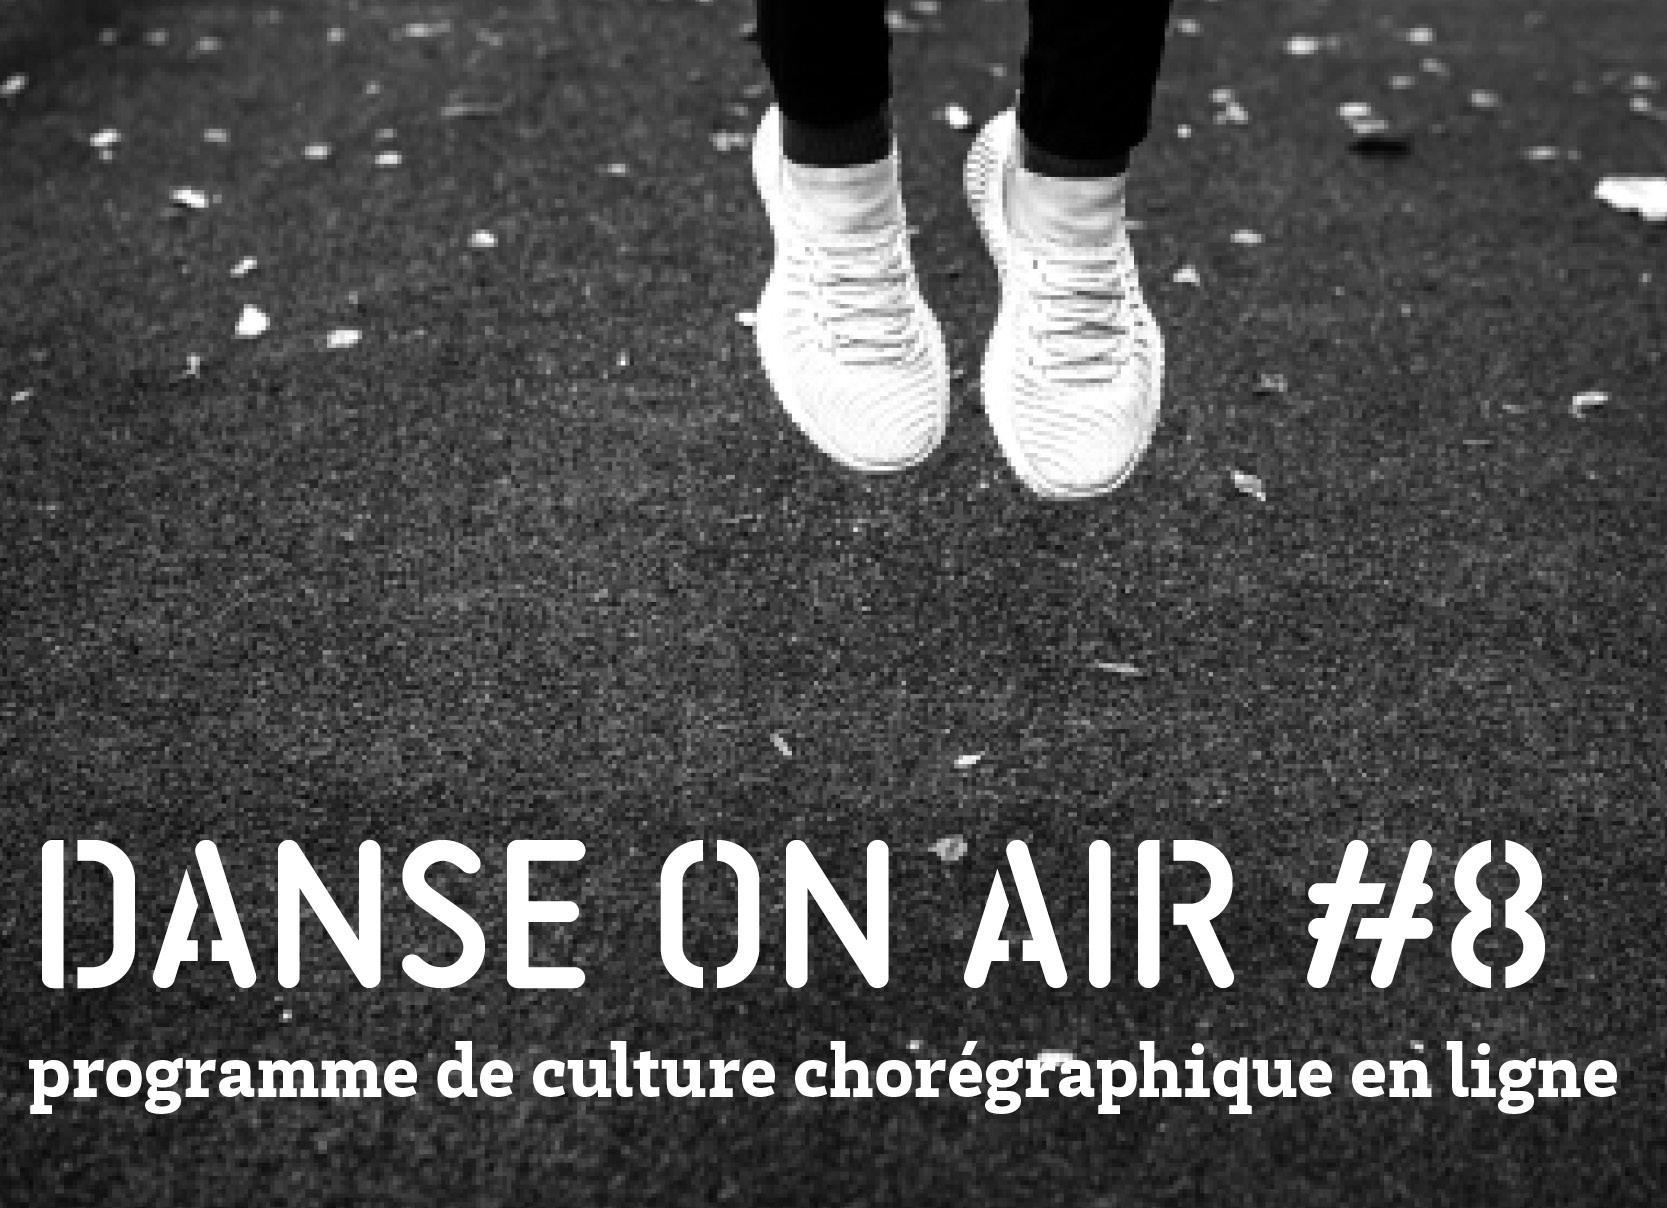 Danse on air #8